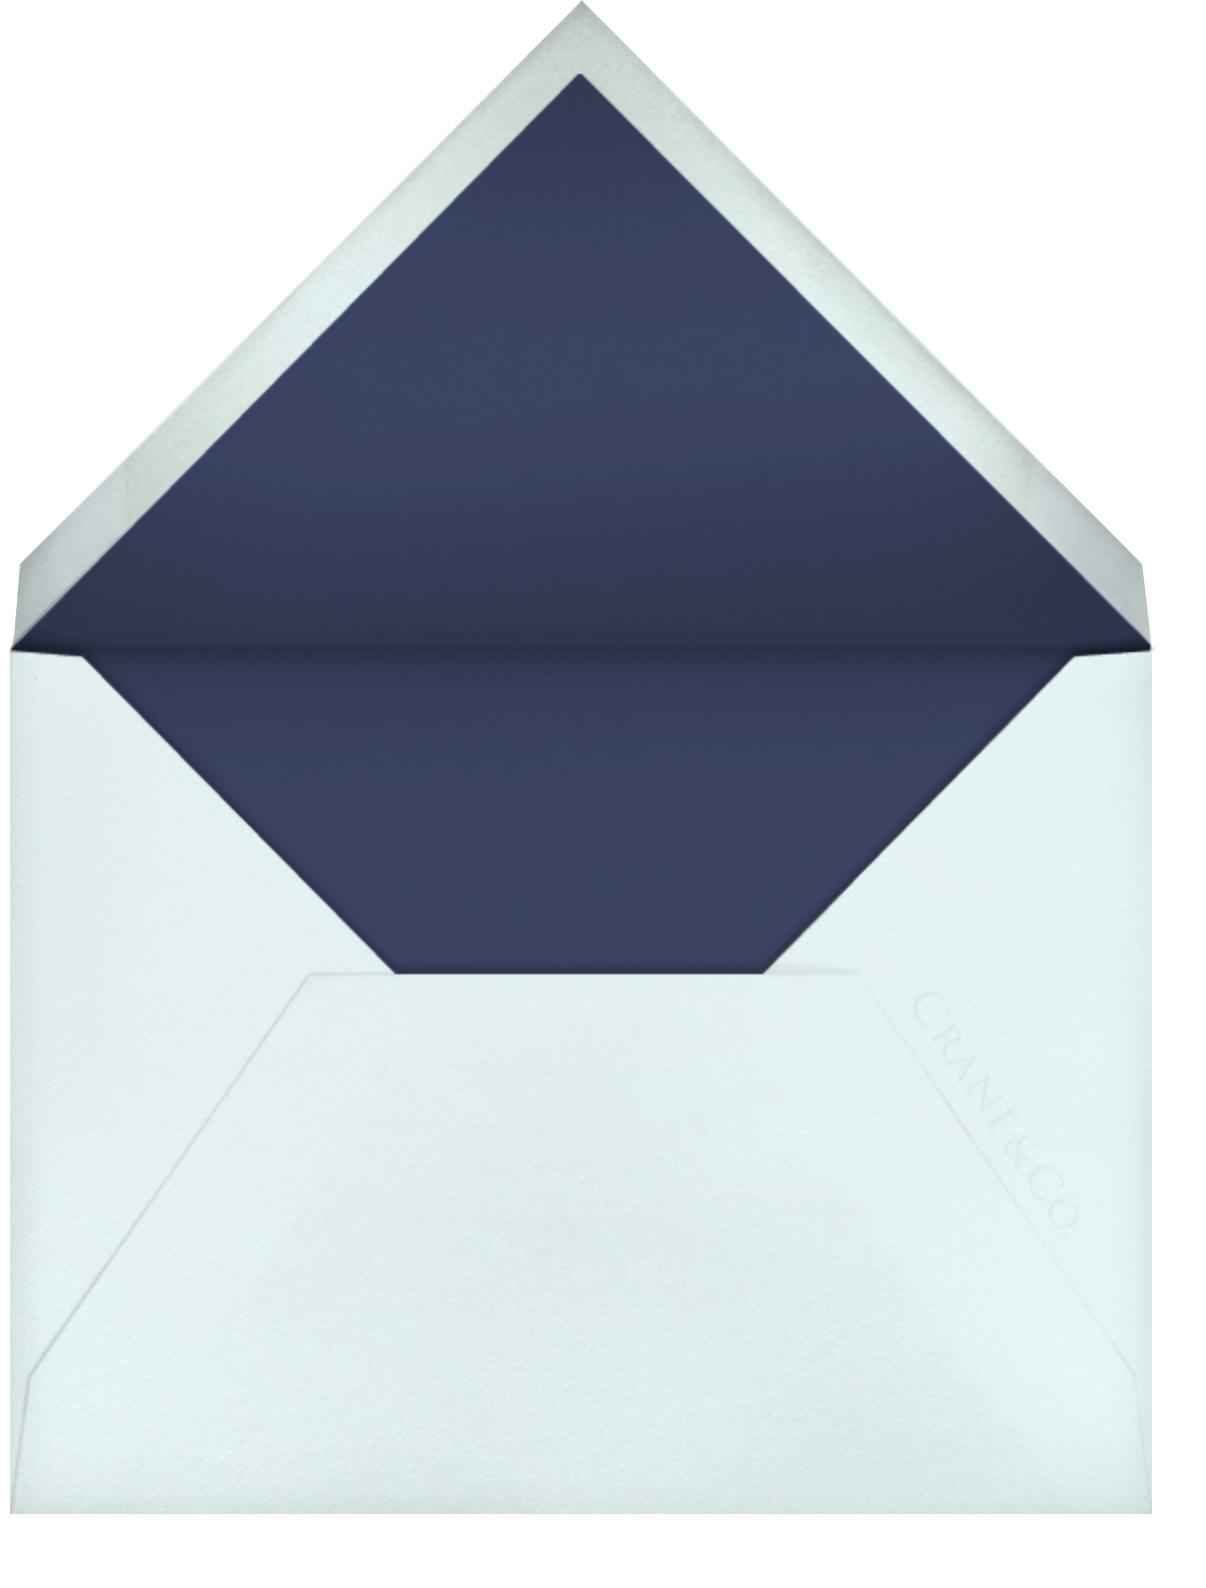 Le Lavandou - Navy Blue - Crane & Co. - All - envelope back